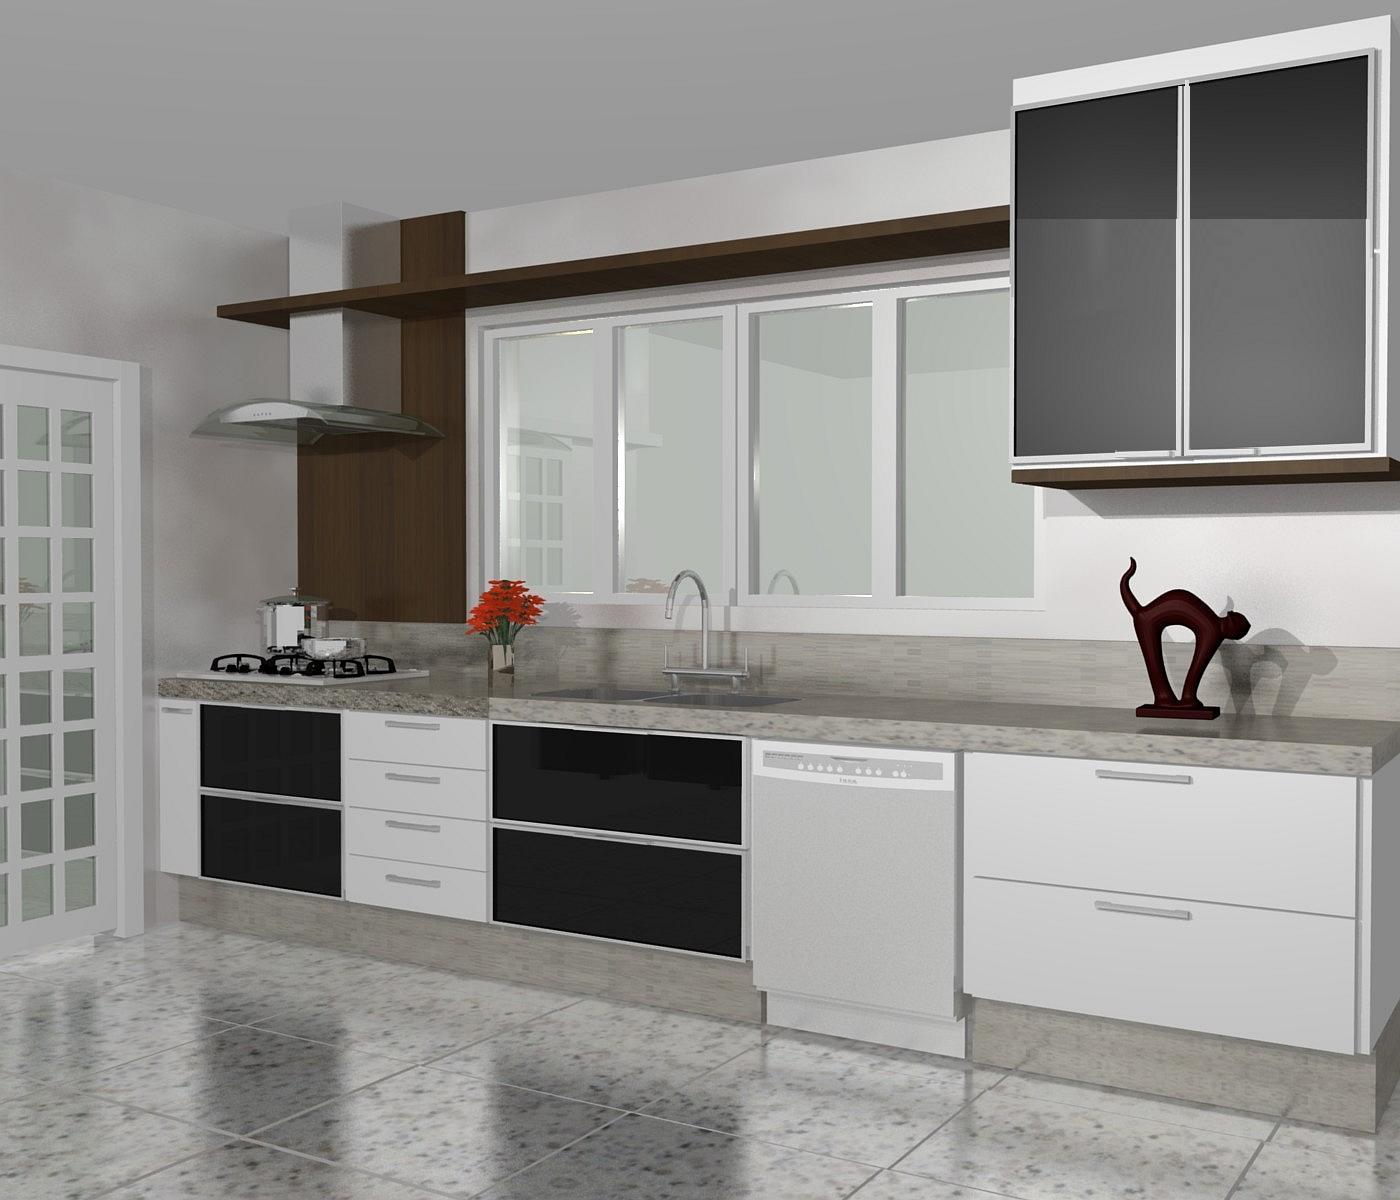 para cozinhas cozinhas planejadas dellano dellano cozinhas planejadas #61493E 1400 1200